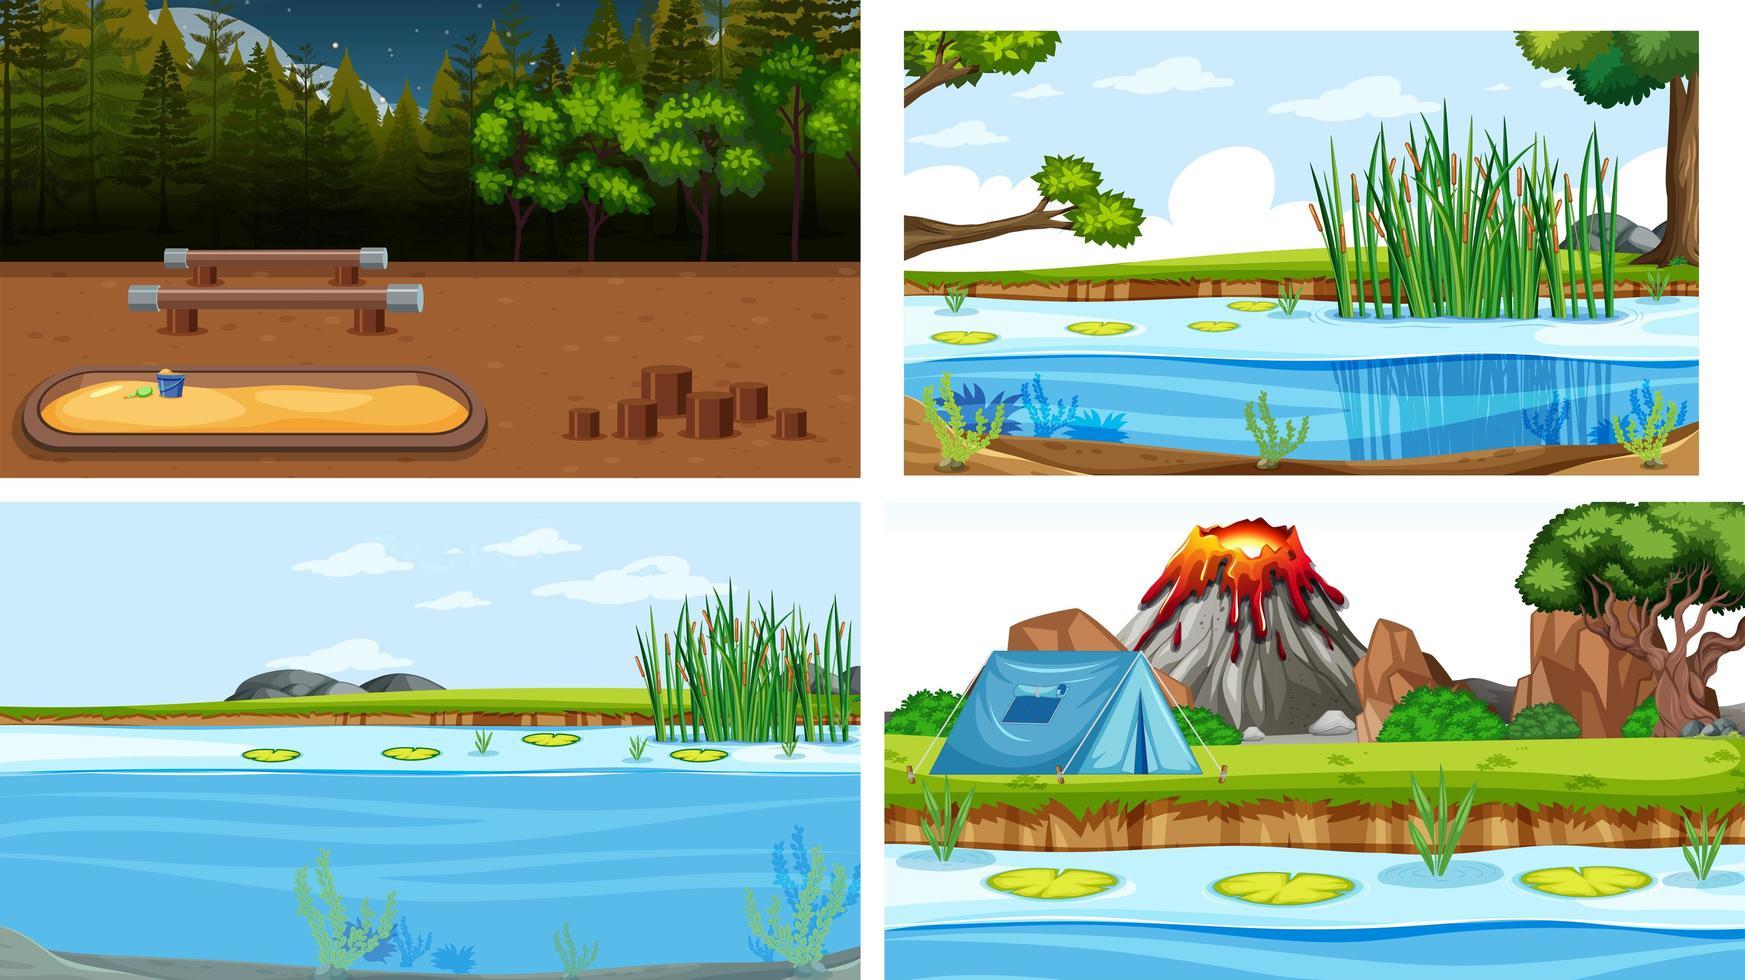 Reihe von Szenen in der Natur mit Camping vektor